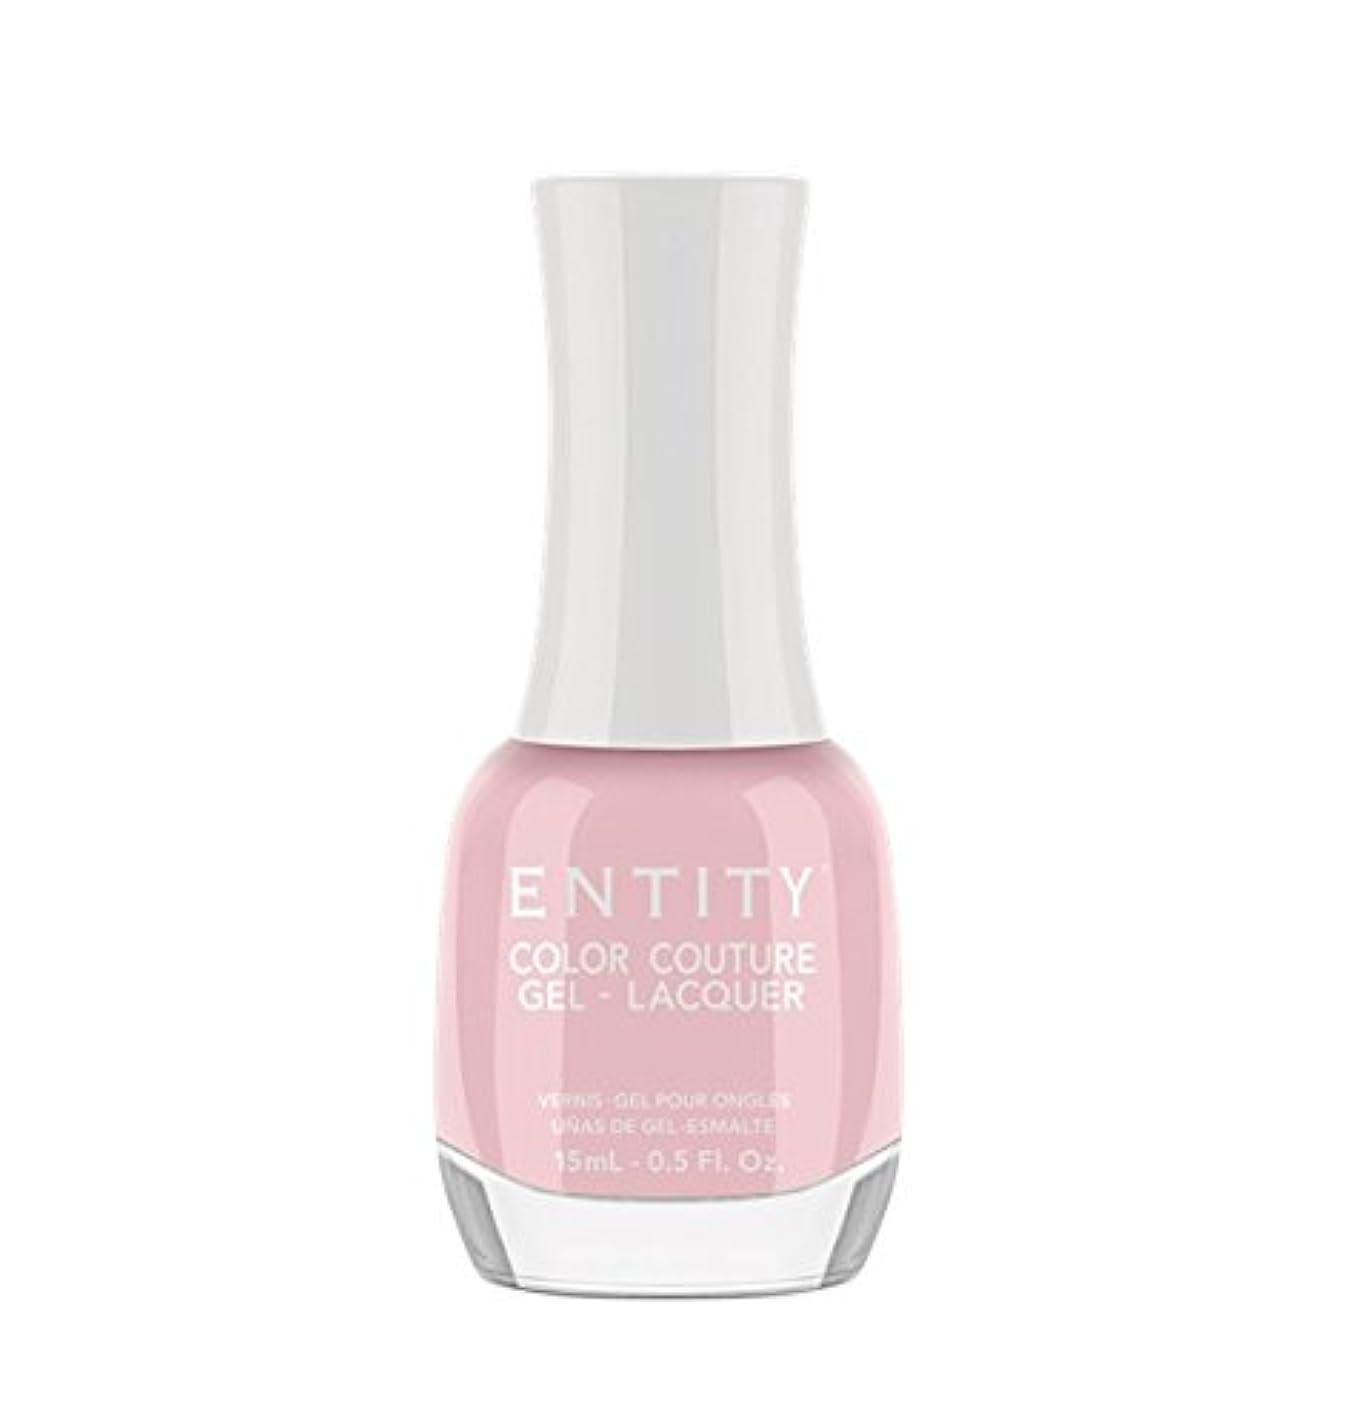 私たち自身アラブサラボ汚物Entity Color Couture Gel-Lacquer - Boho Chic - 15 ml/0.5 oz